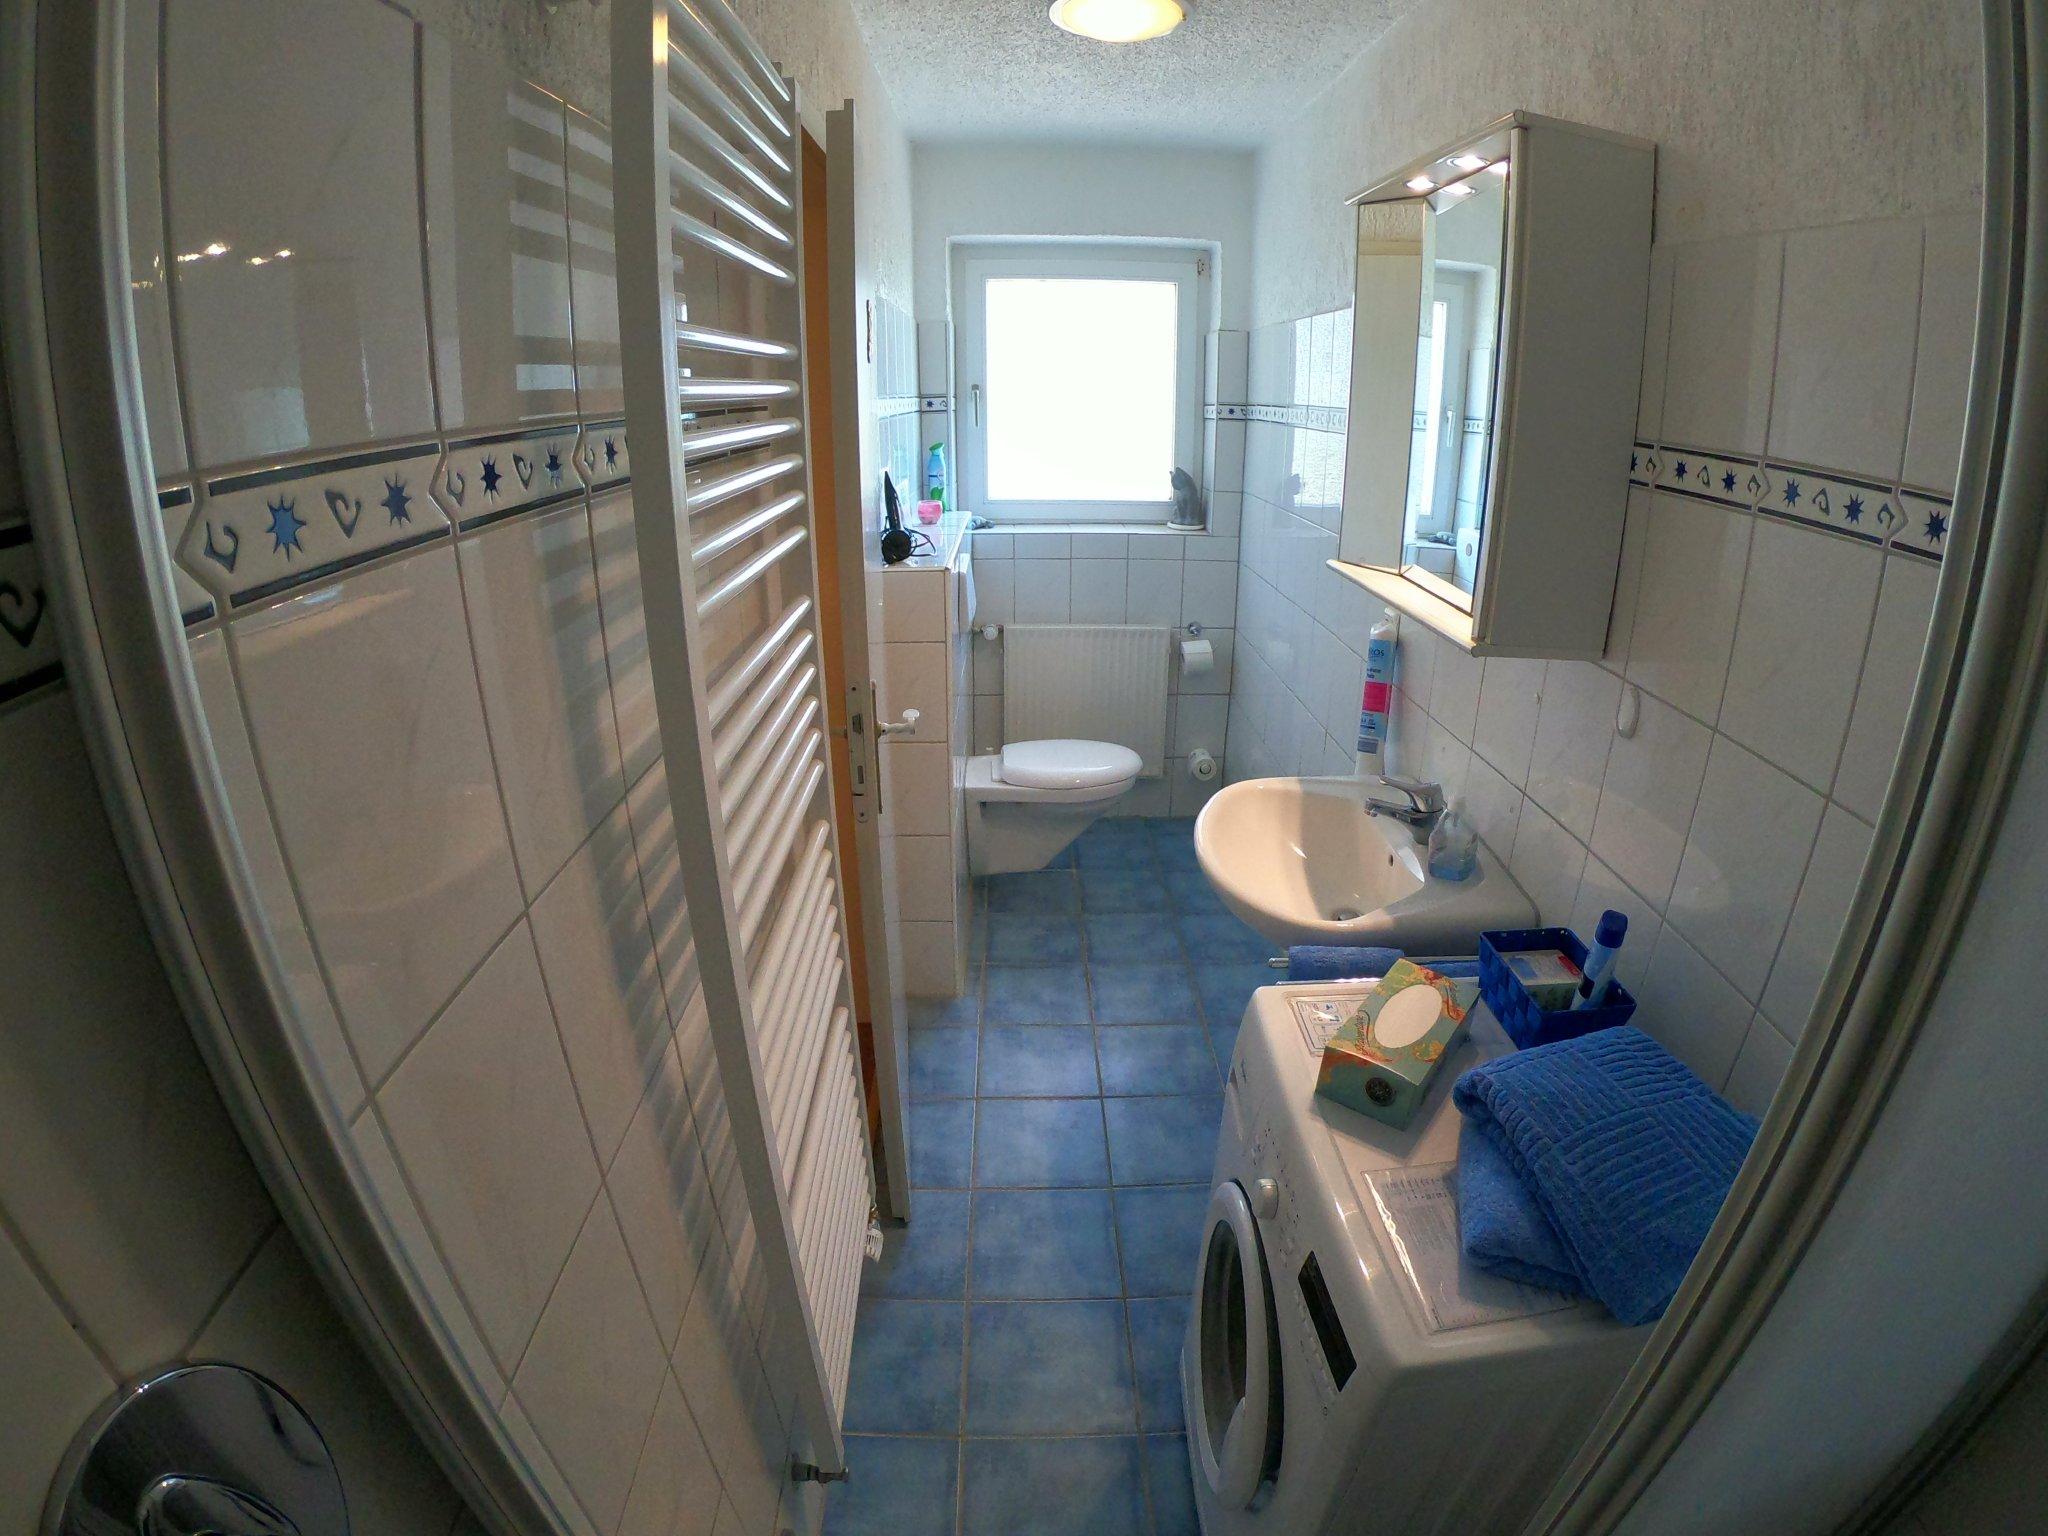 Bad 2, neben Sz.2: Waschtisch, Dusche,WC